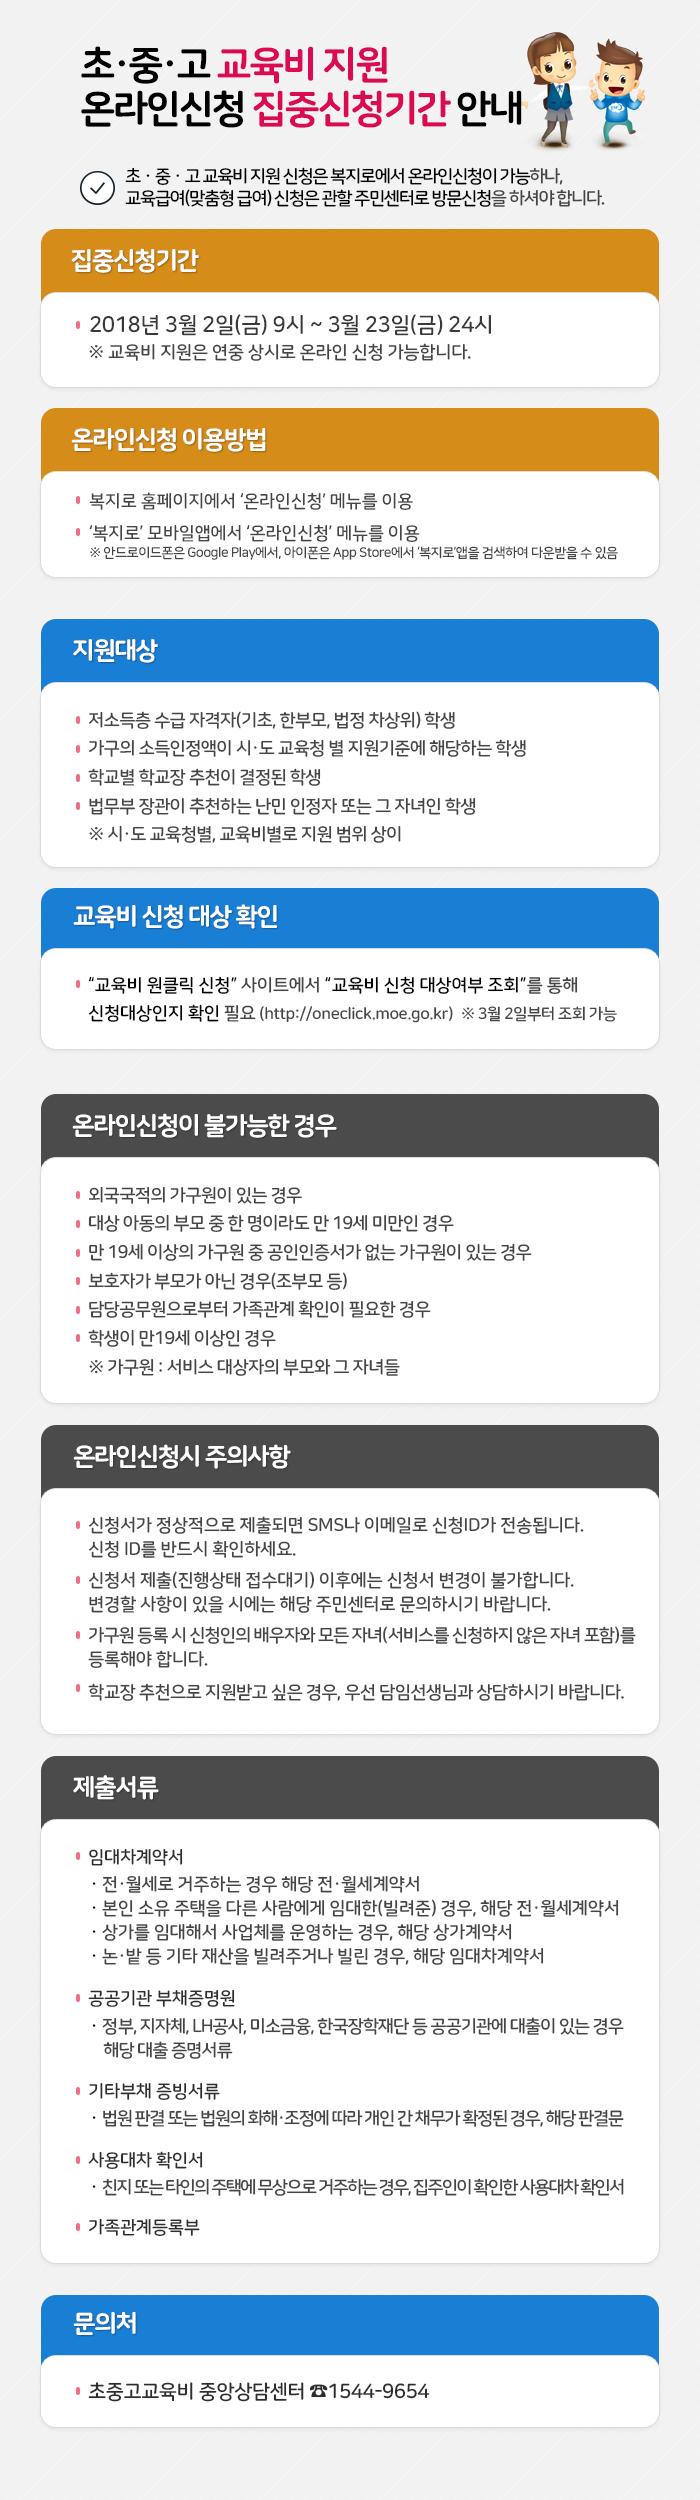 초ㆍ중ㆍ고 교육비 지원 온라인신청 집중신청기간 안내